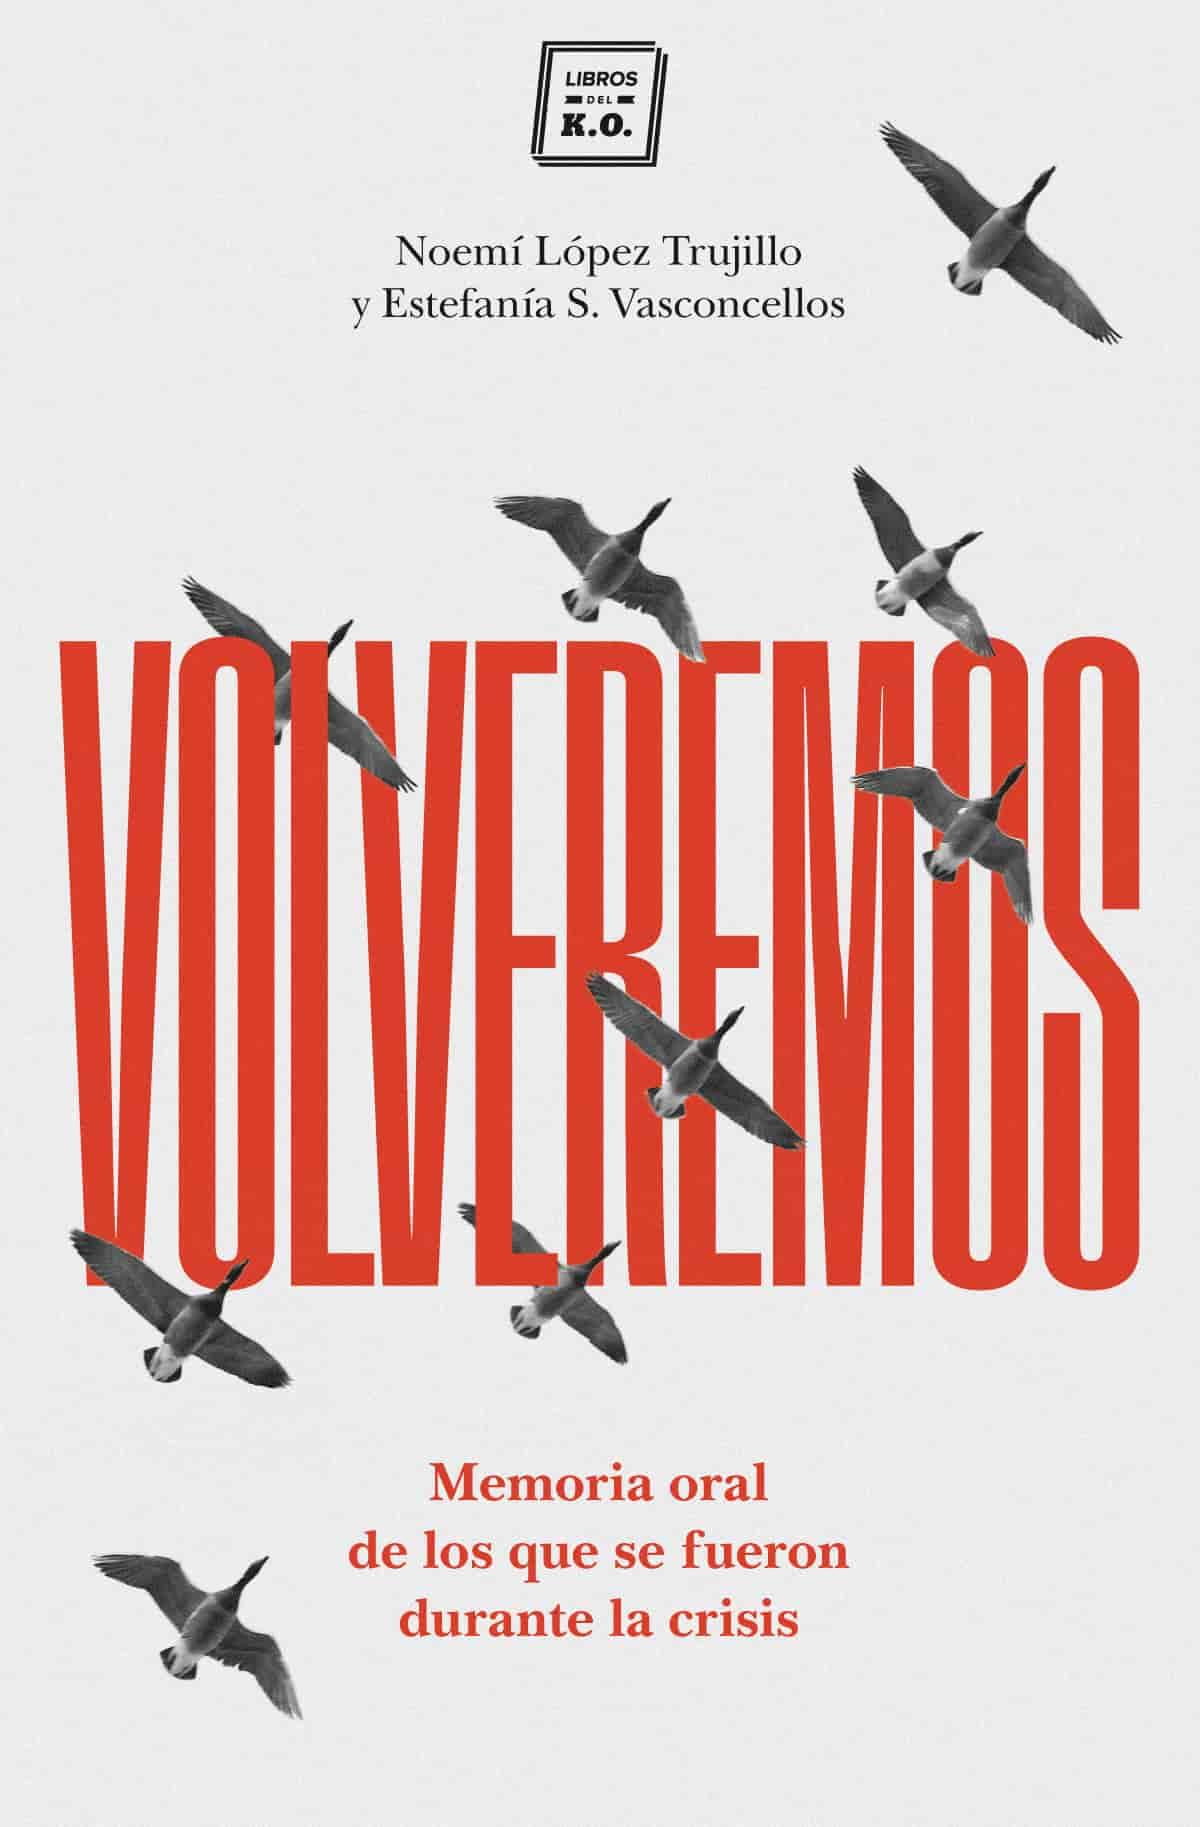 Portada del libro 'Volveremos', escrito por Noemí López Trujillo y Estefanía S. Vasconcellos.